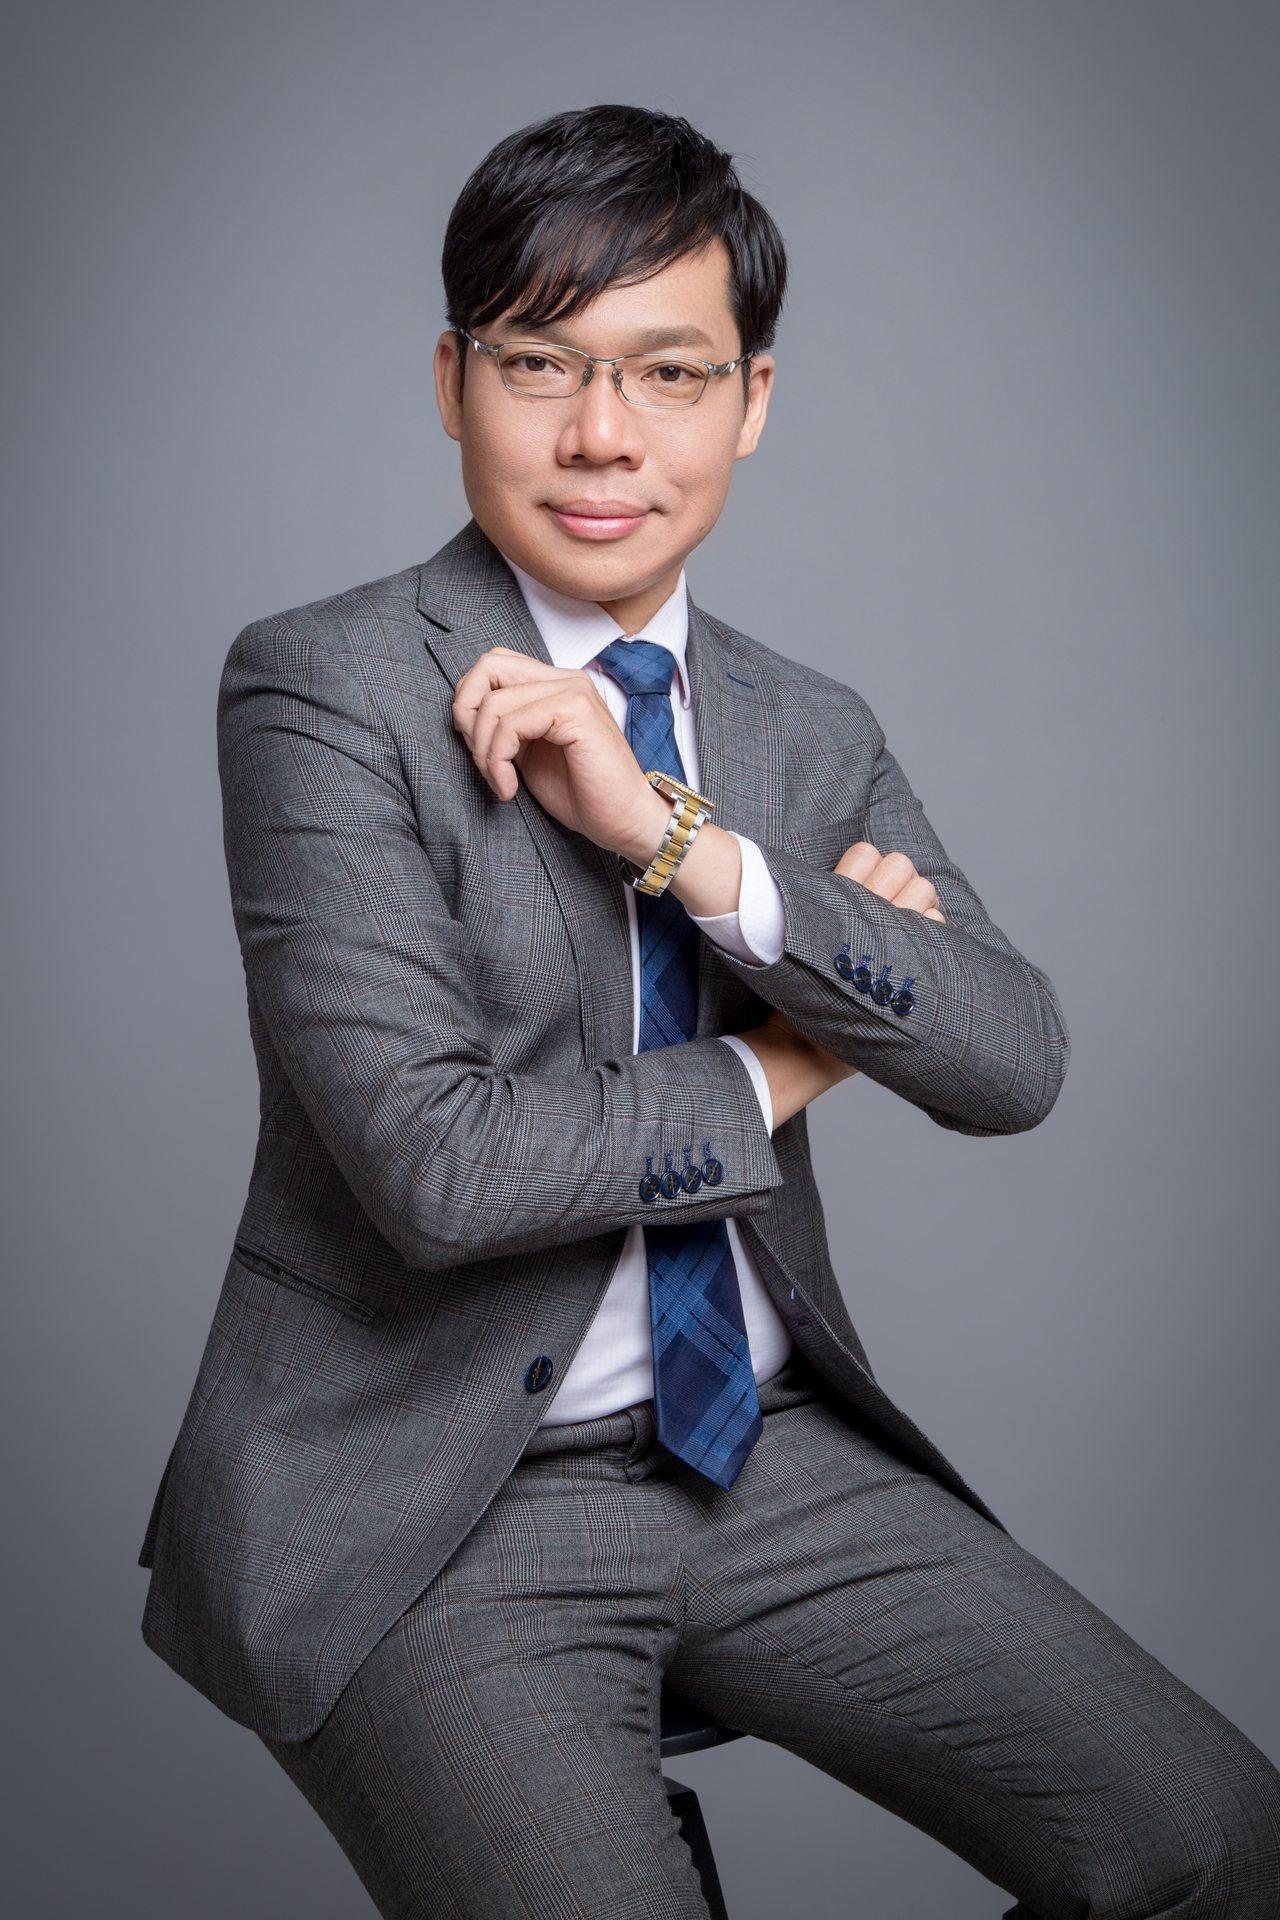 林昌興(ETF領航大師)。圖/林昌興提供